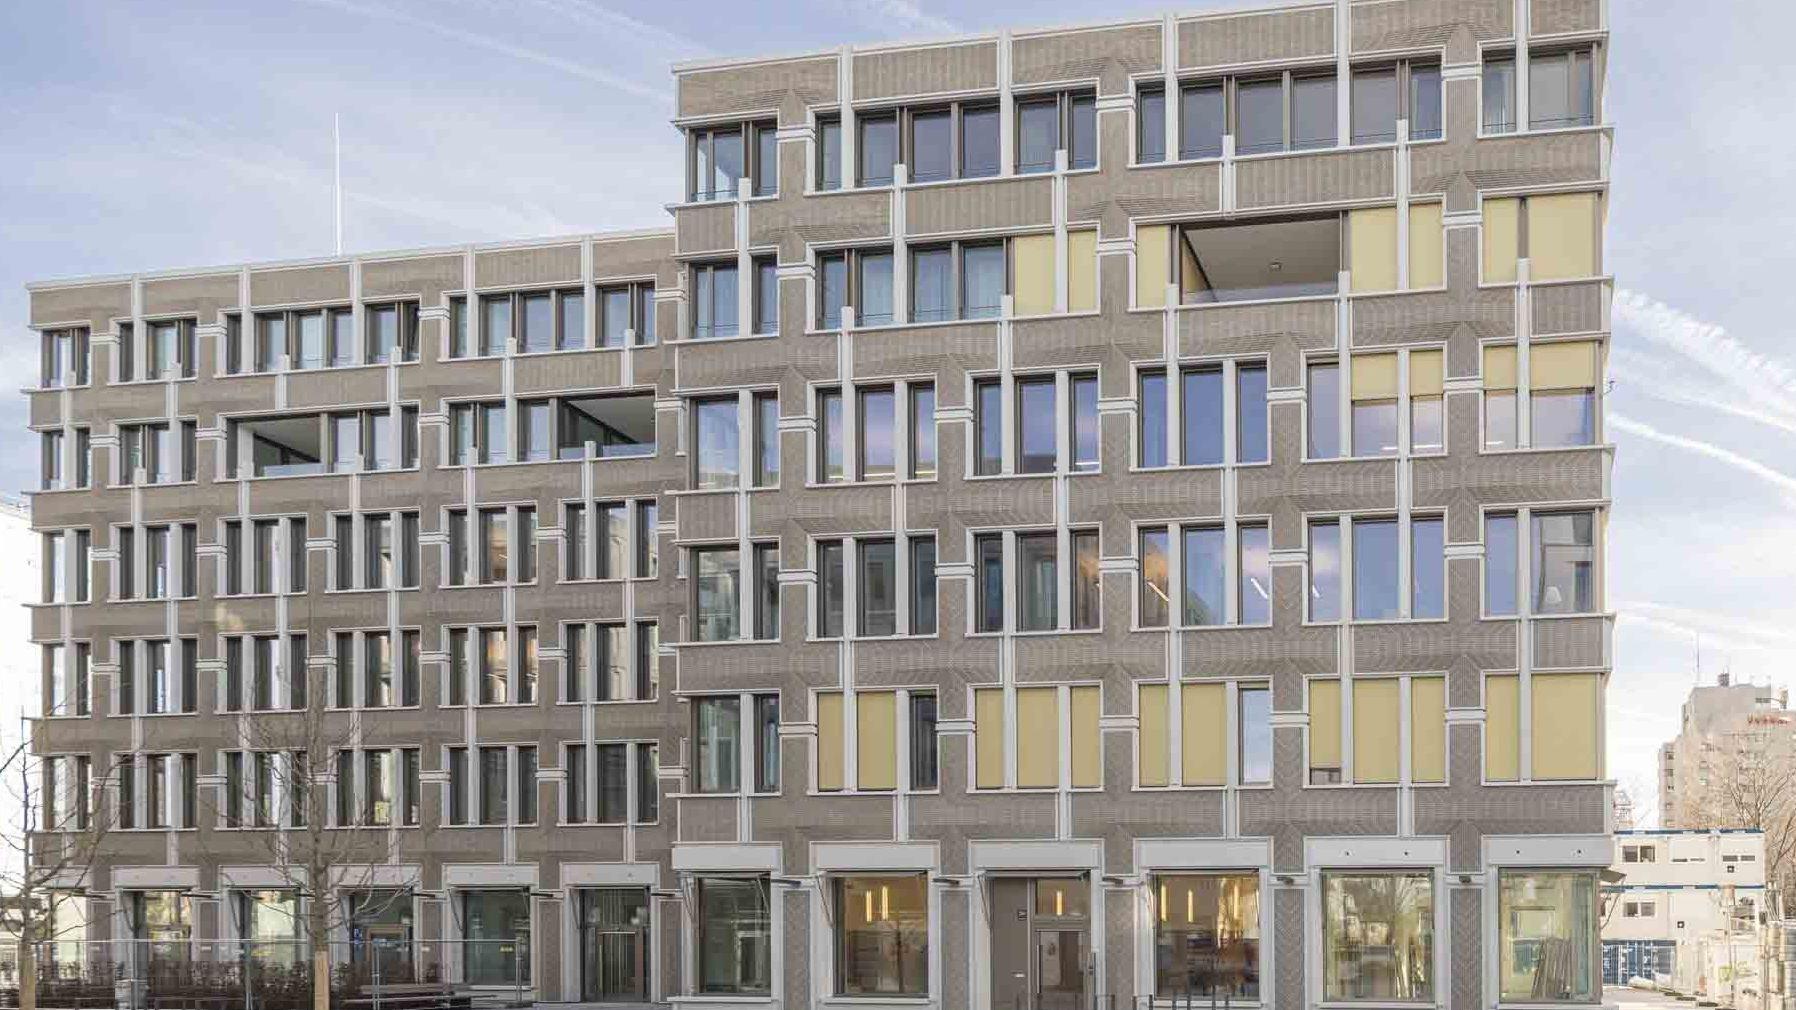 Hild und K Architekten Wohn und Geschäftshaus im Stadtquartier Leopoldstraße